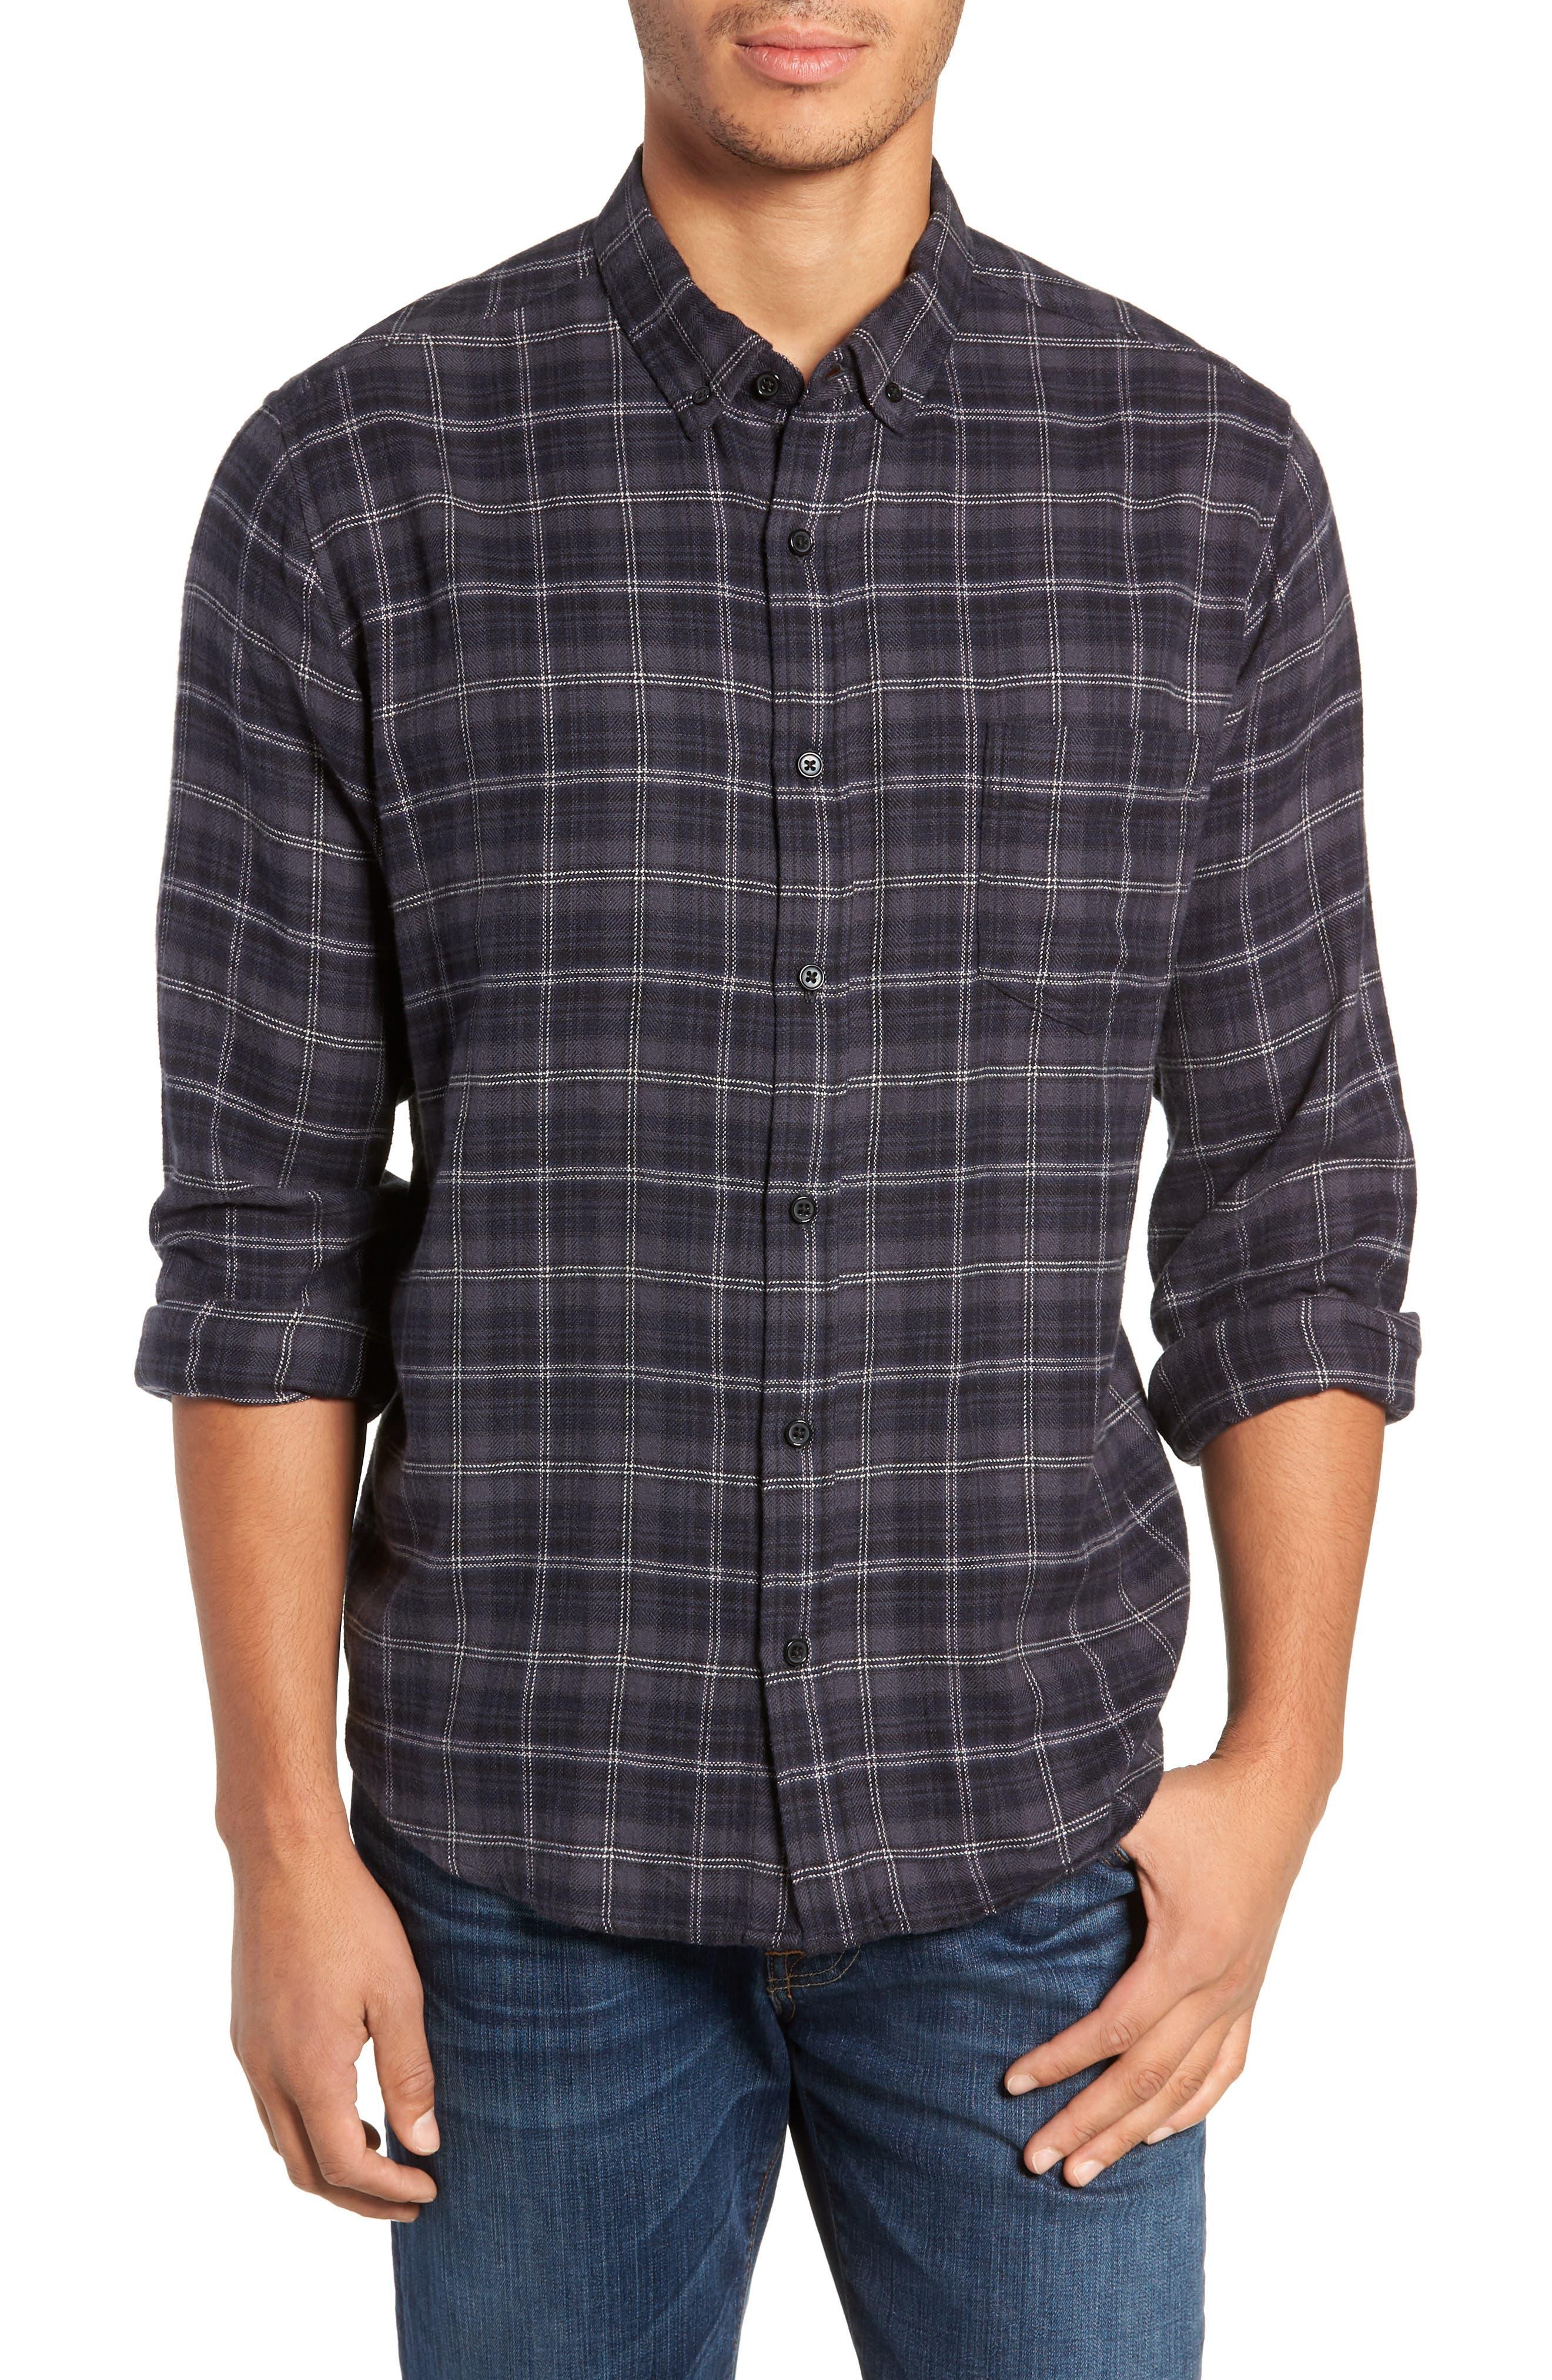 Lennox Slim Fit Plaid Sport Shirt,                         Main,                         color, BLUE SMOKE/NAVY/BLACK